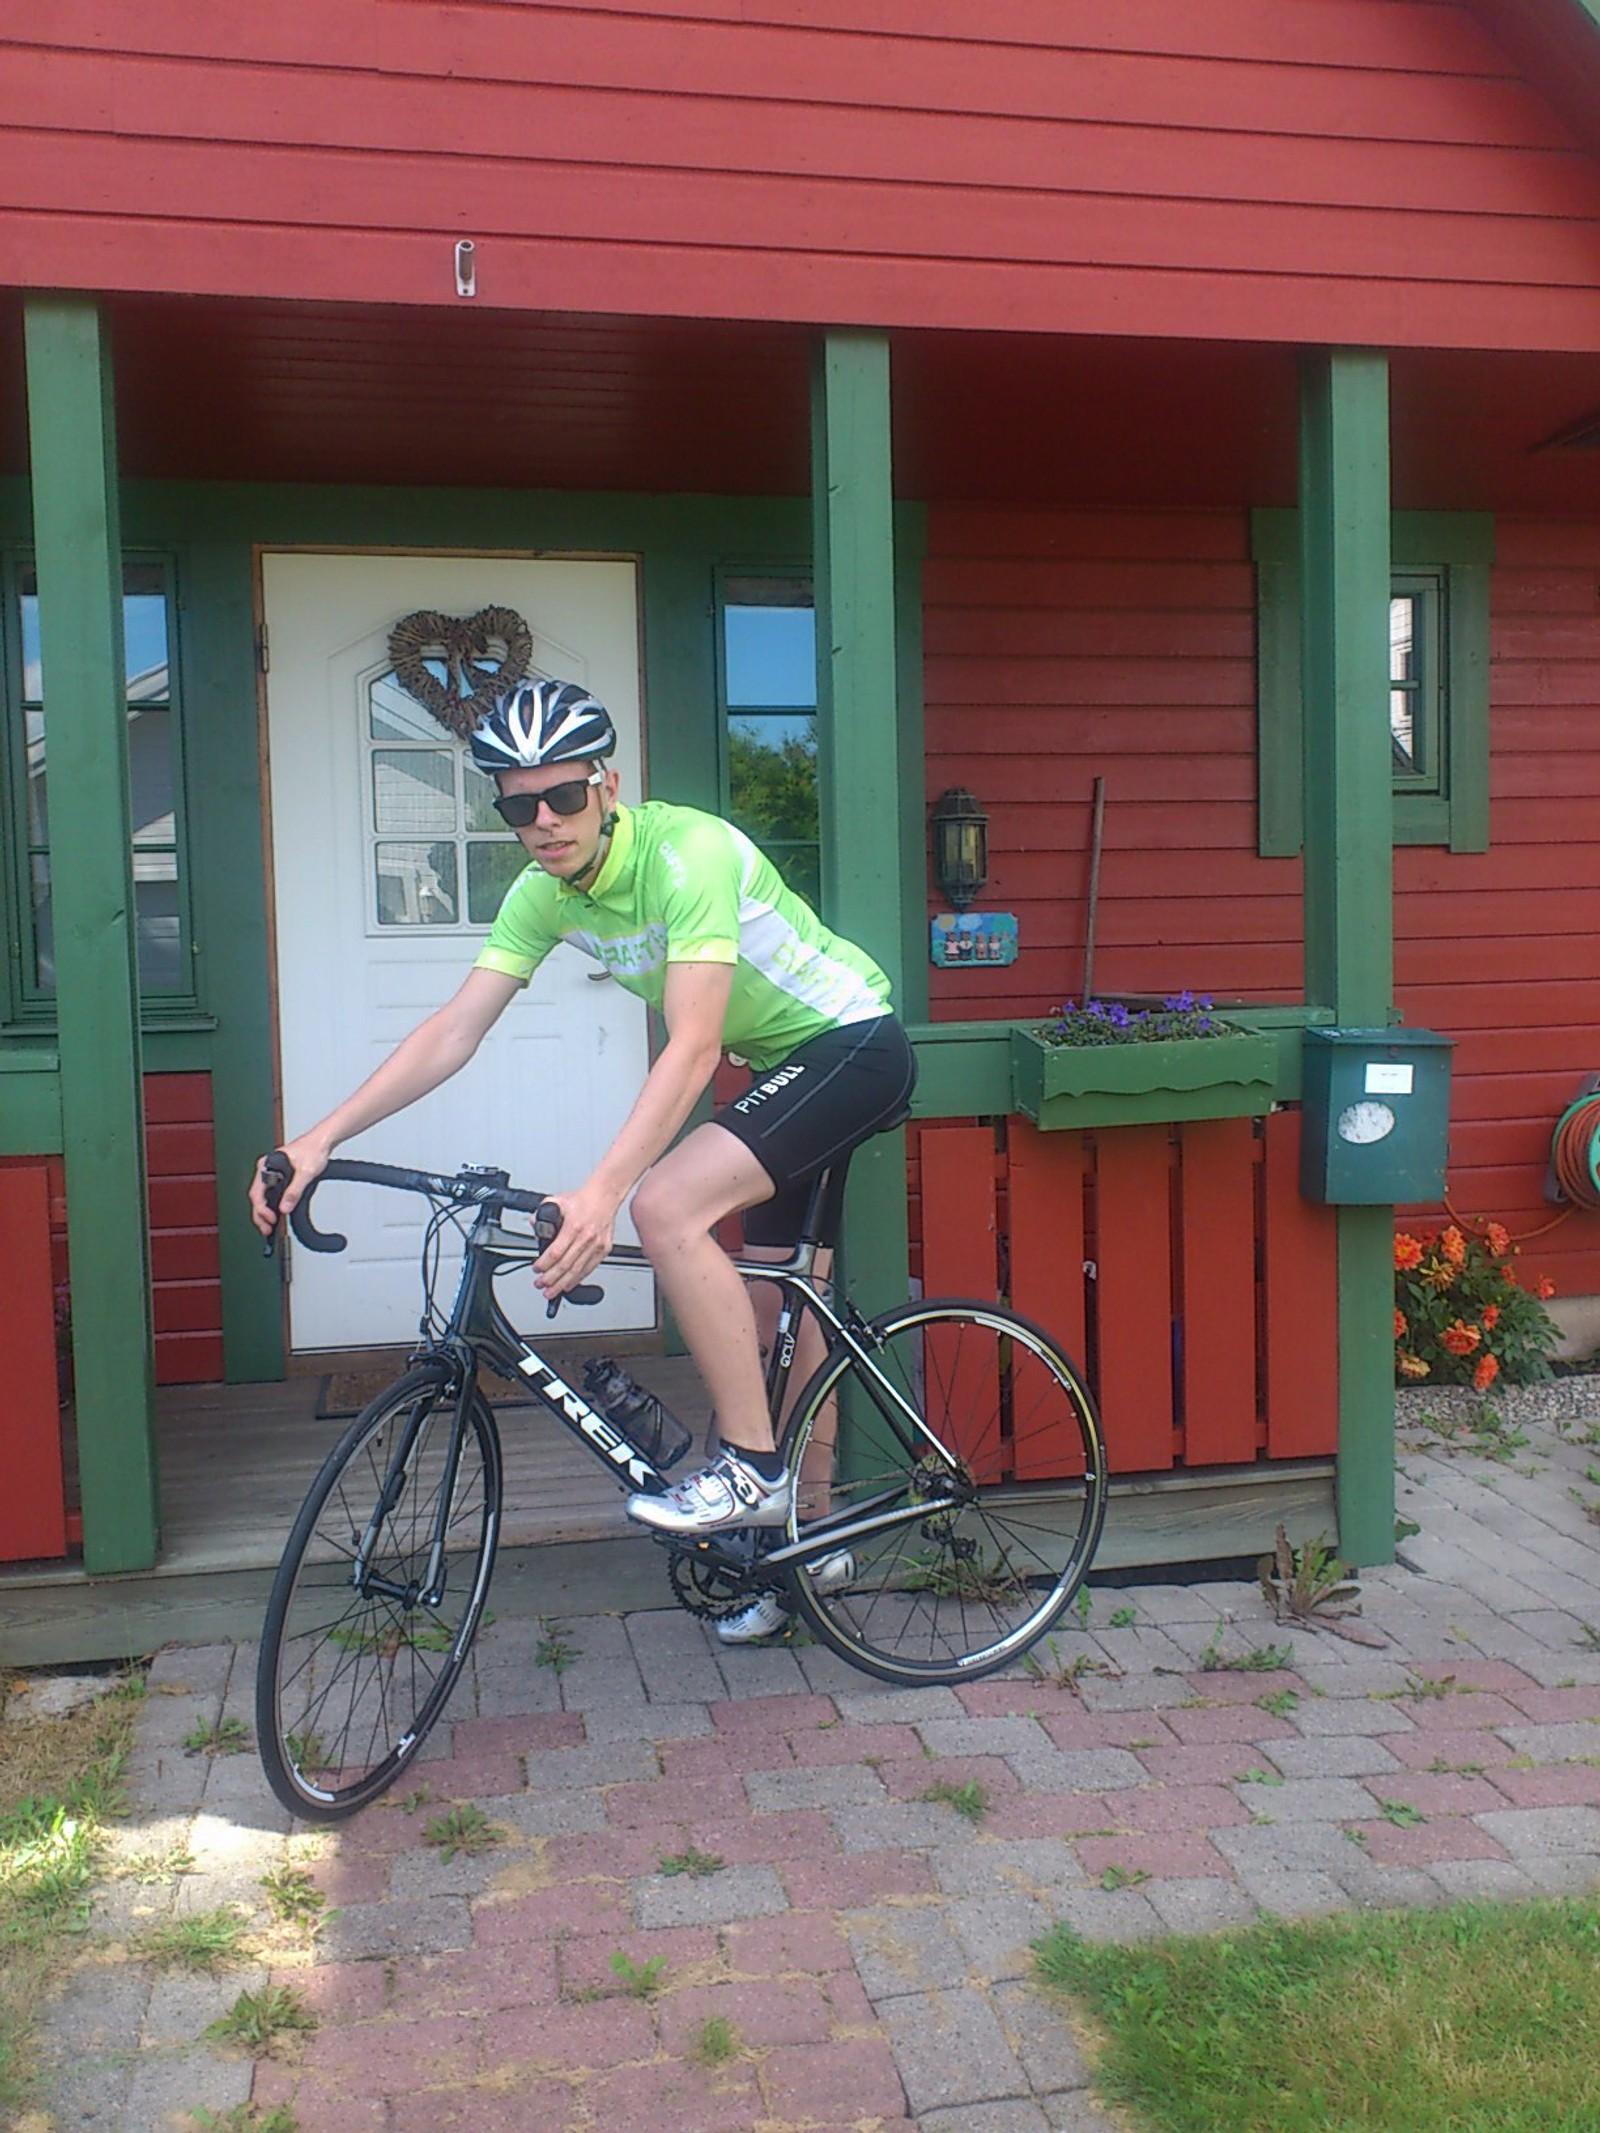 OFTE PÅ SYKKELEN: Foreldrene forteller at Petter syklet mye i trafikken og var bevisst på farene.